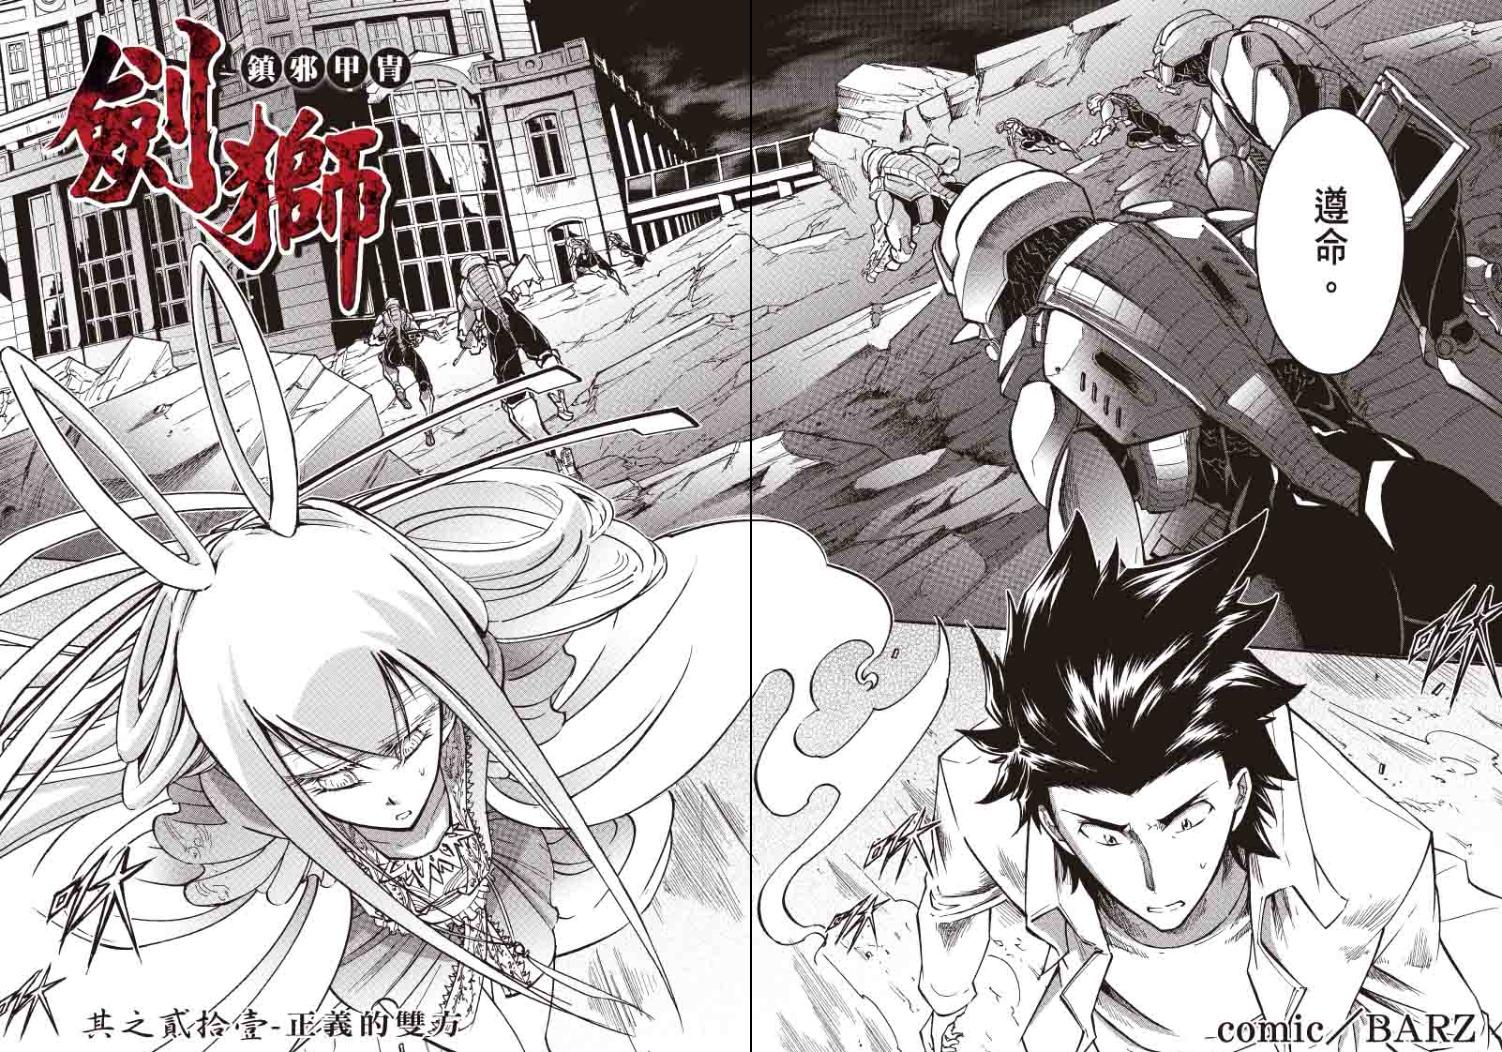 140102(1) – 台灣變身英雄《鎮邪甲冑 劍獅》第21回<正義的雙方>連載公開:久違的變身與不可避免的廝殺!